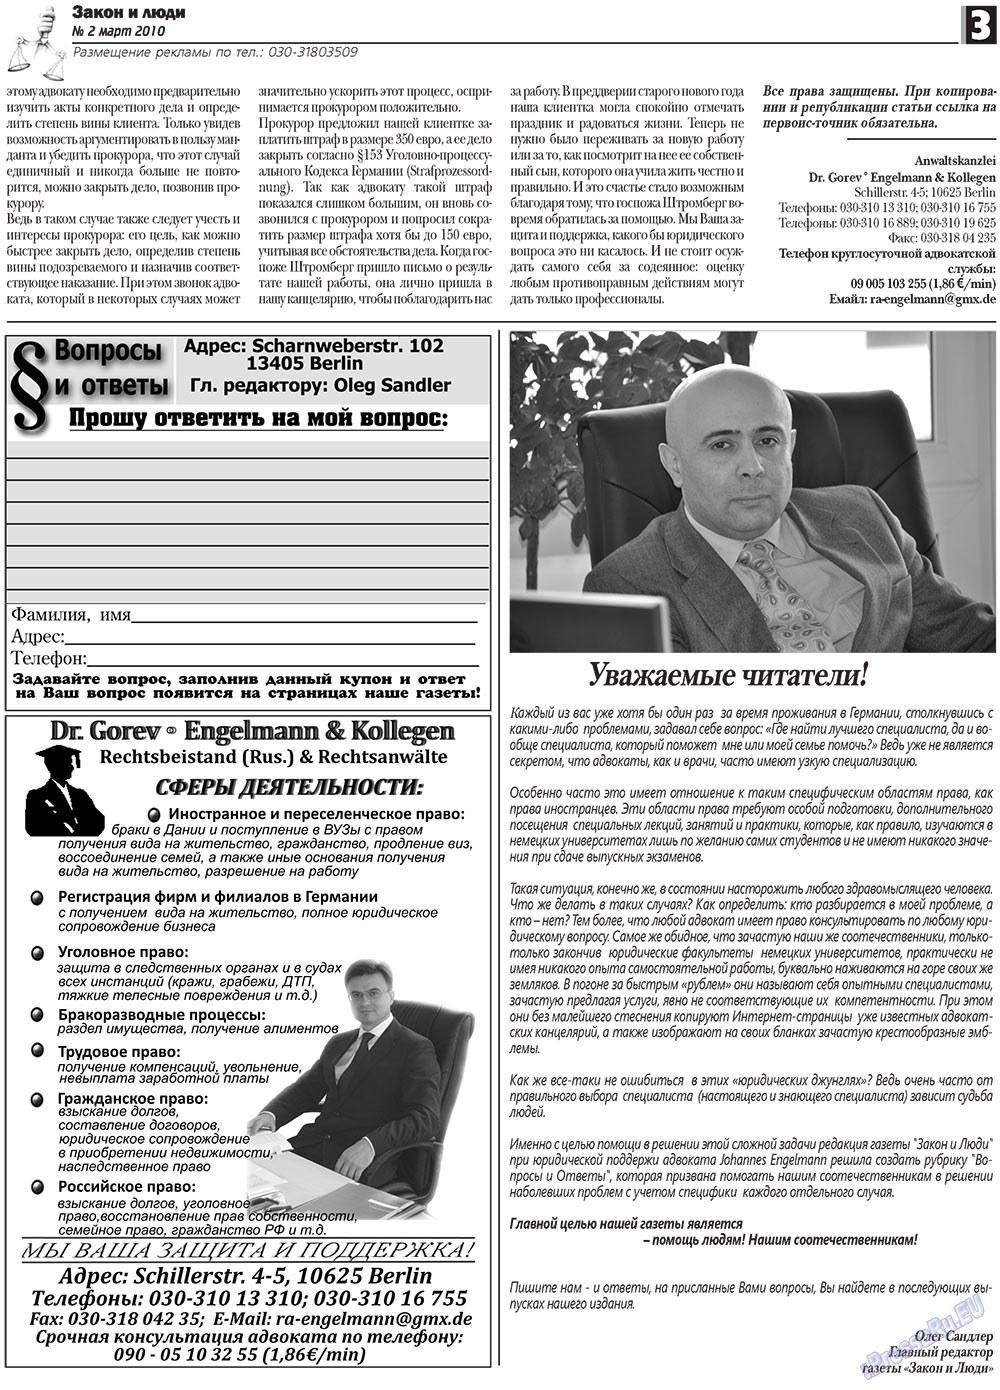 Закон и люди (газета). 2010 год, номер 2, стр. 3